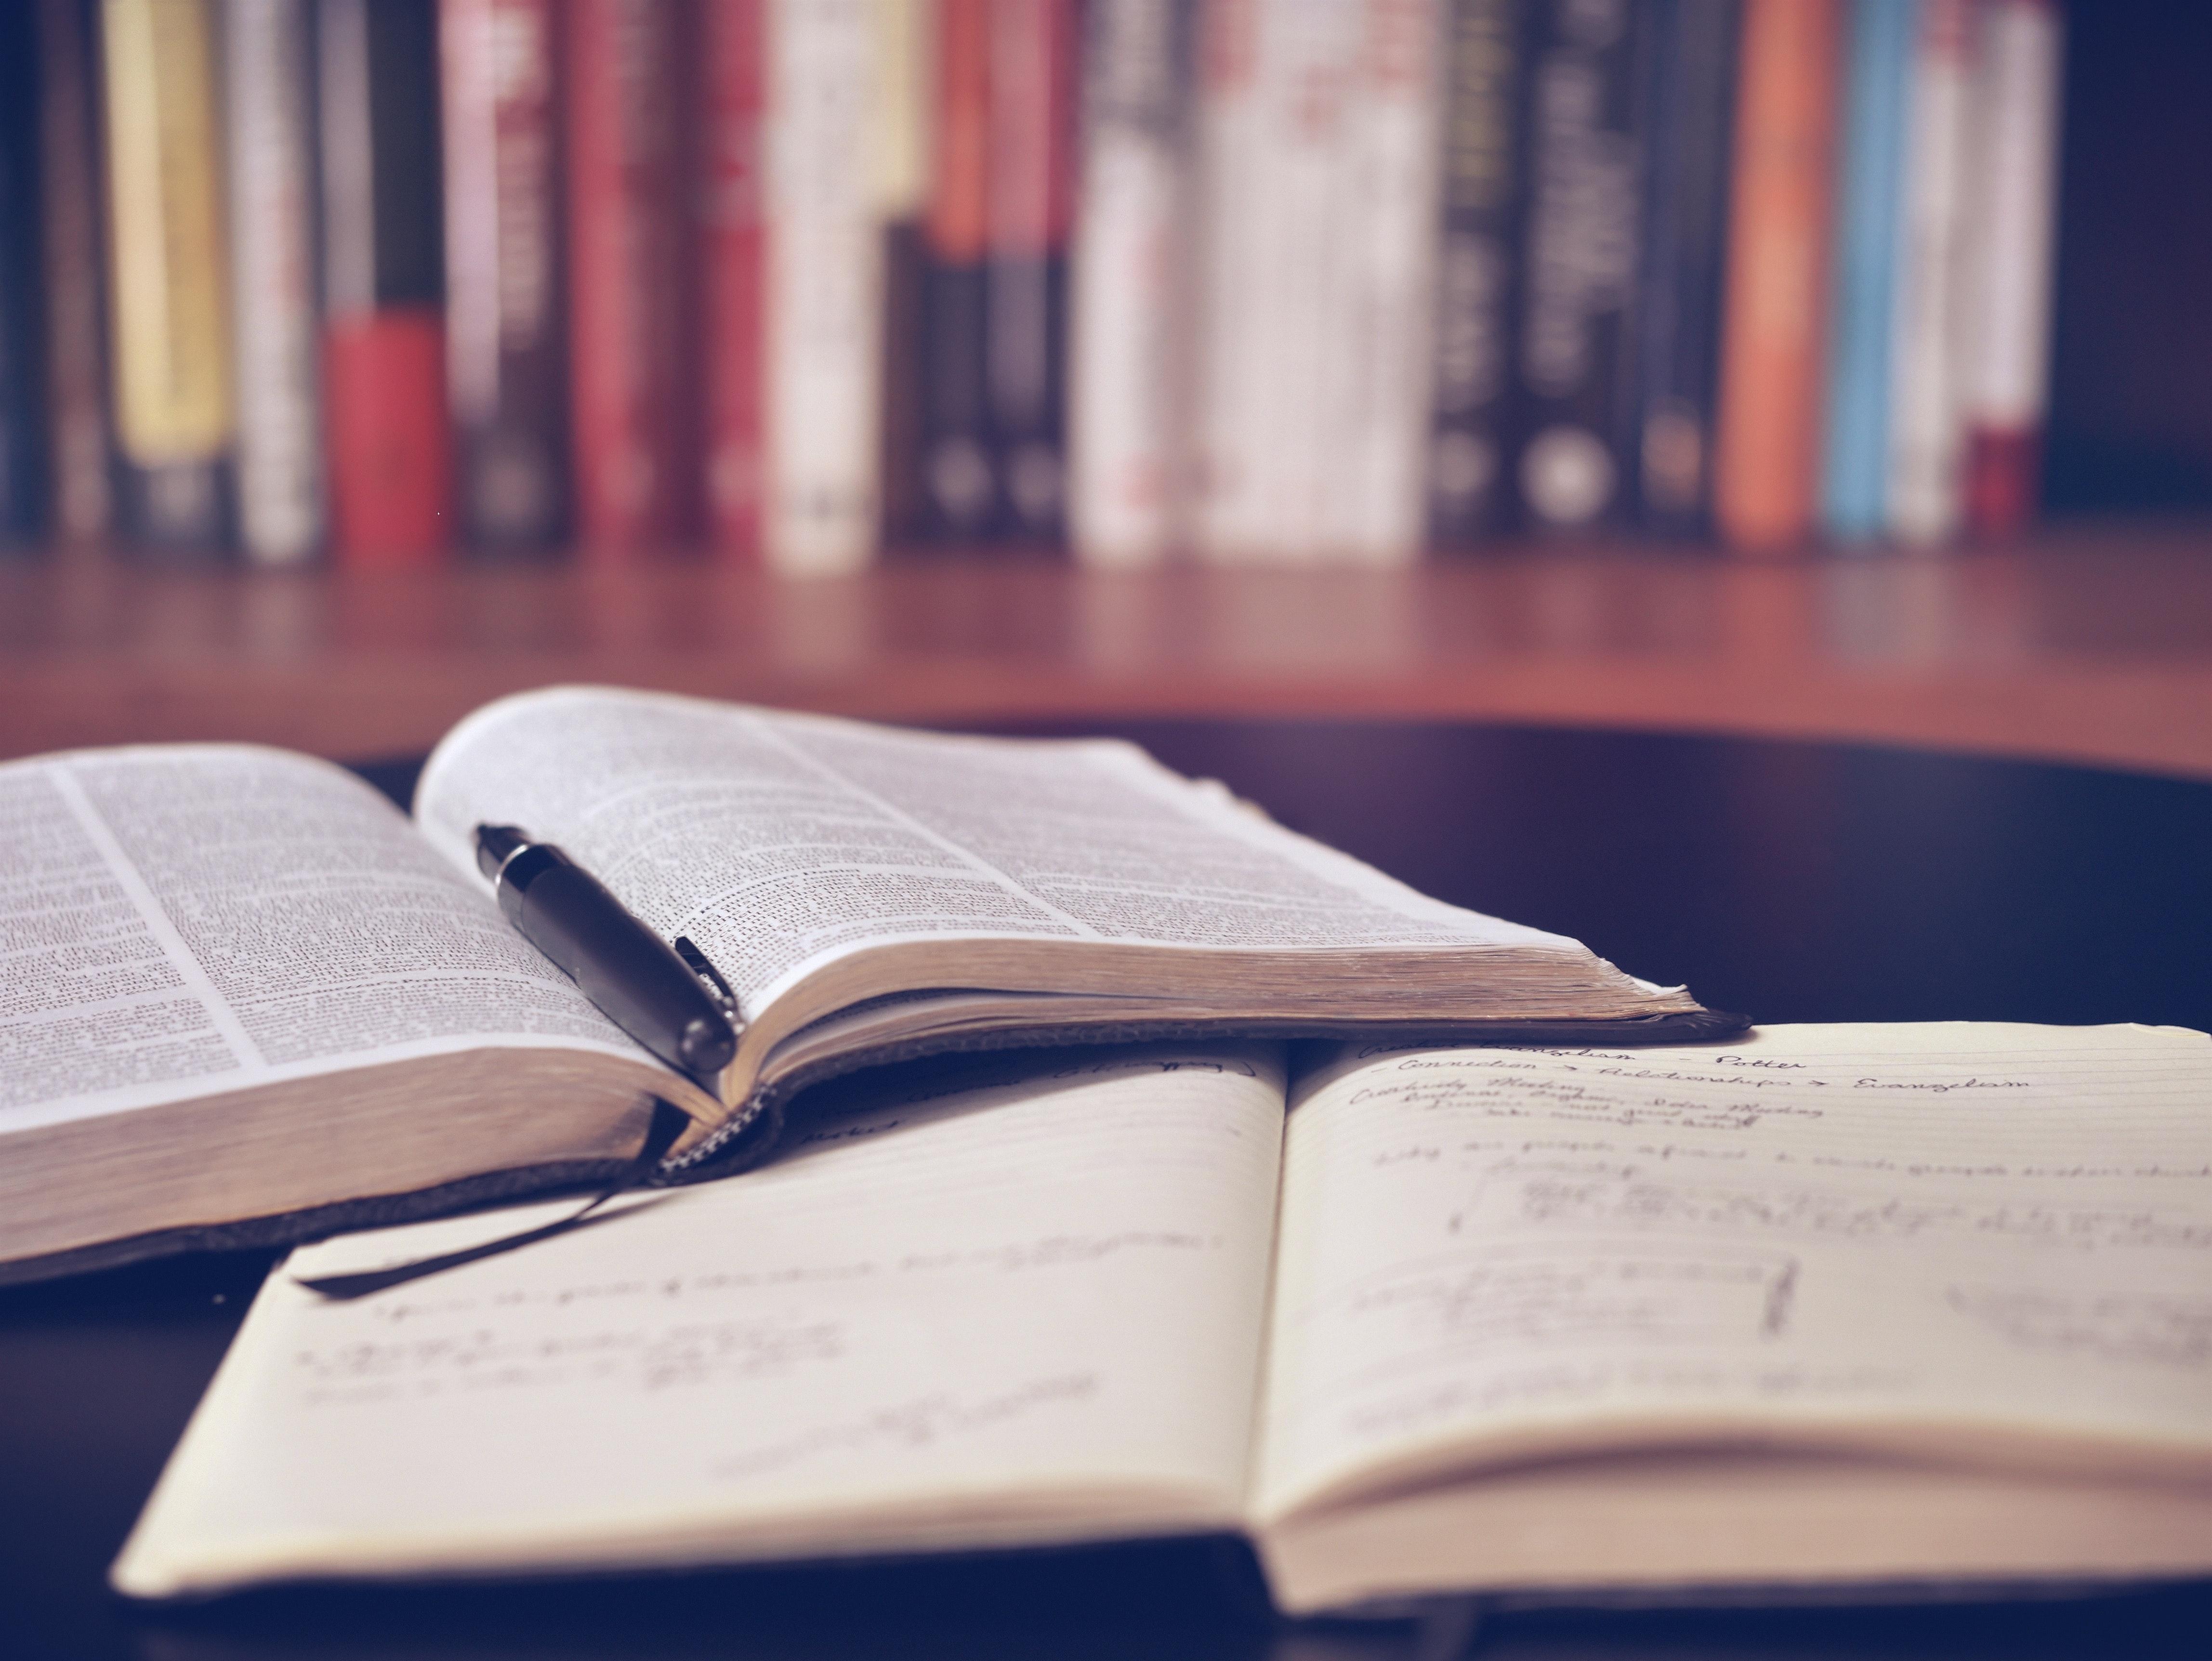 Libros abiertos dentro de una biblioteca